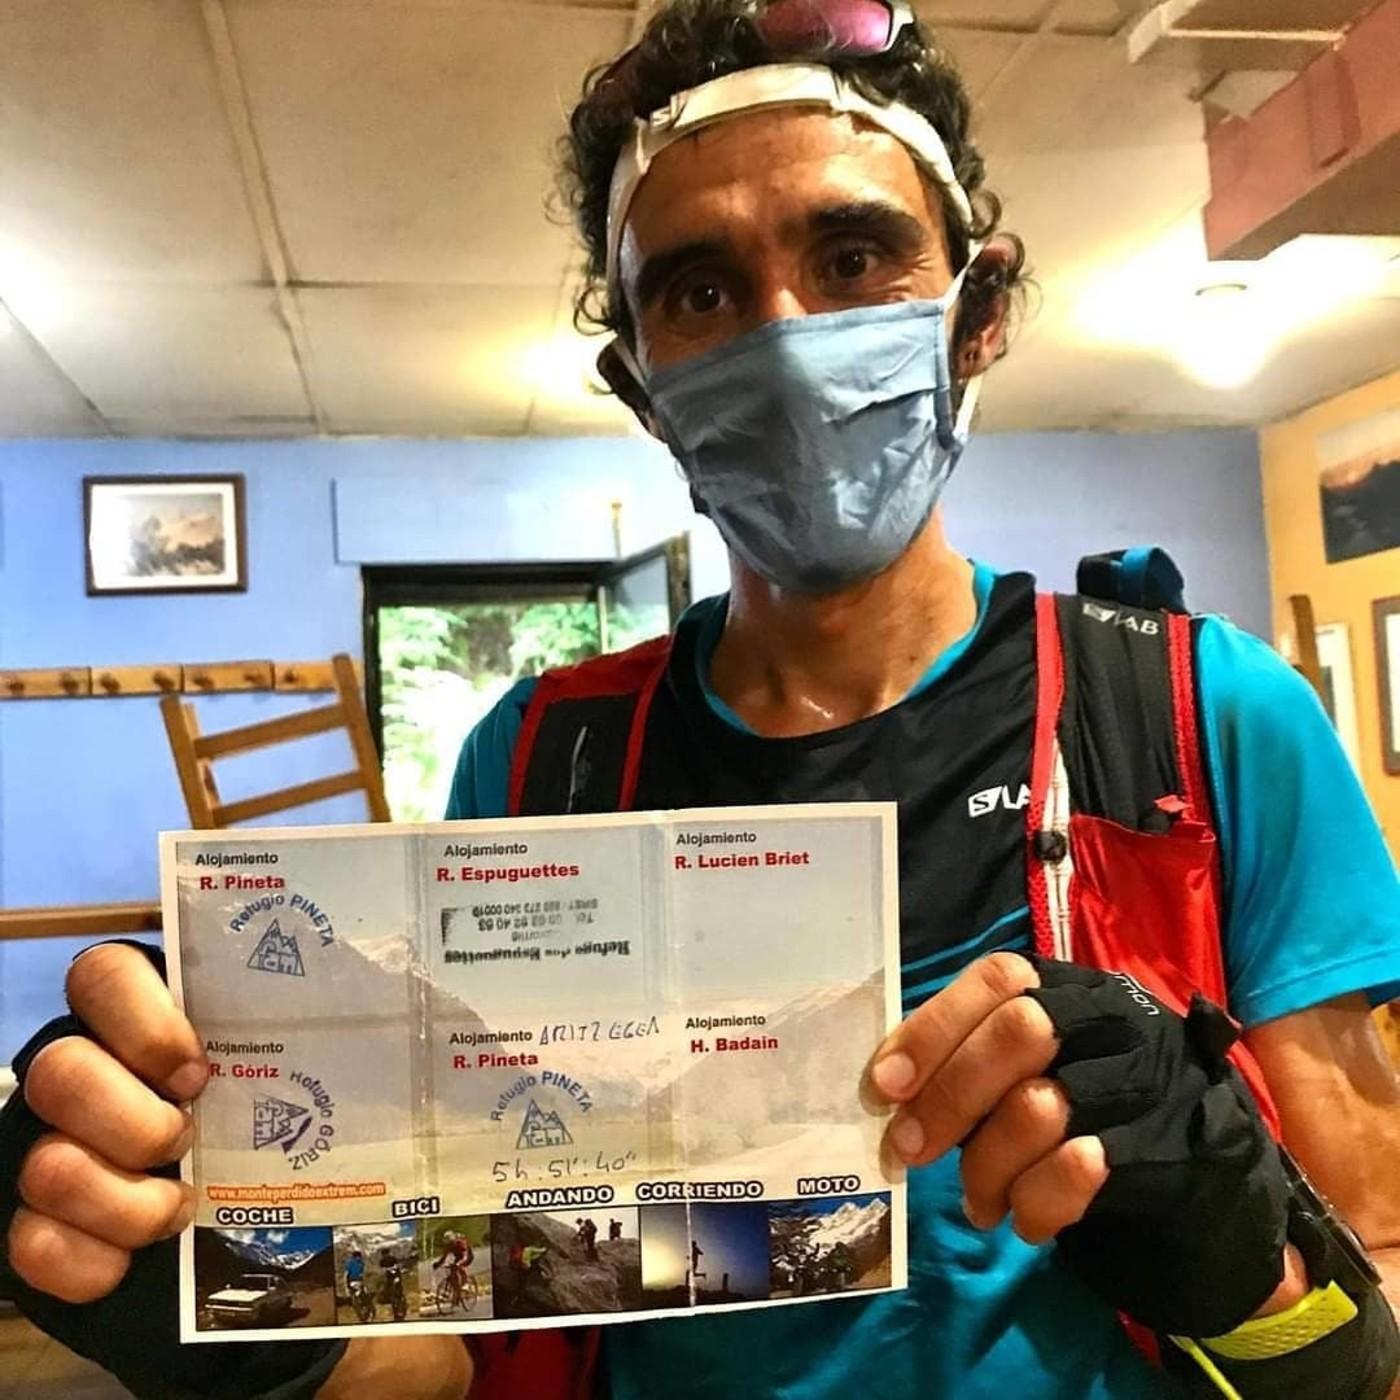 MONTE PERDIDO EXTREM: Marca rápida Aritz Egea (FKT) 5h51m. Entrevista por Mayayo en Radio trail